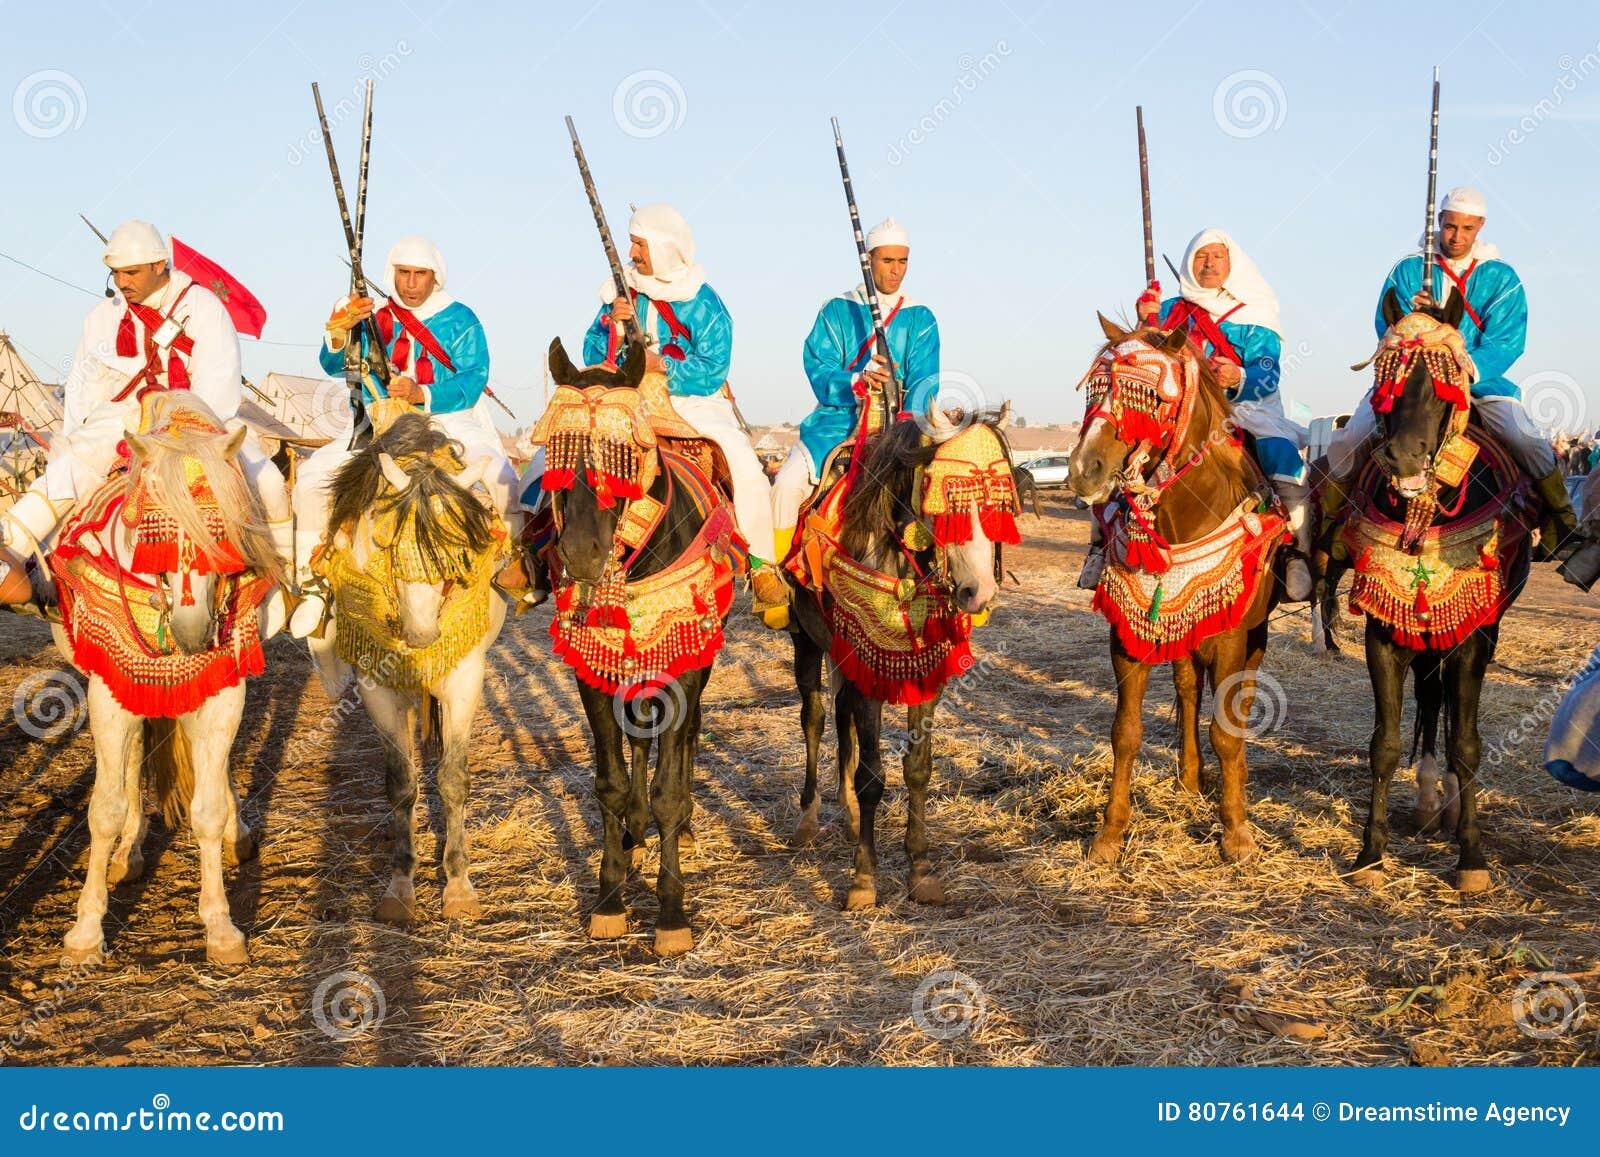 Cavaleiros marroquinos do cavalo durante o festival da fantasia